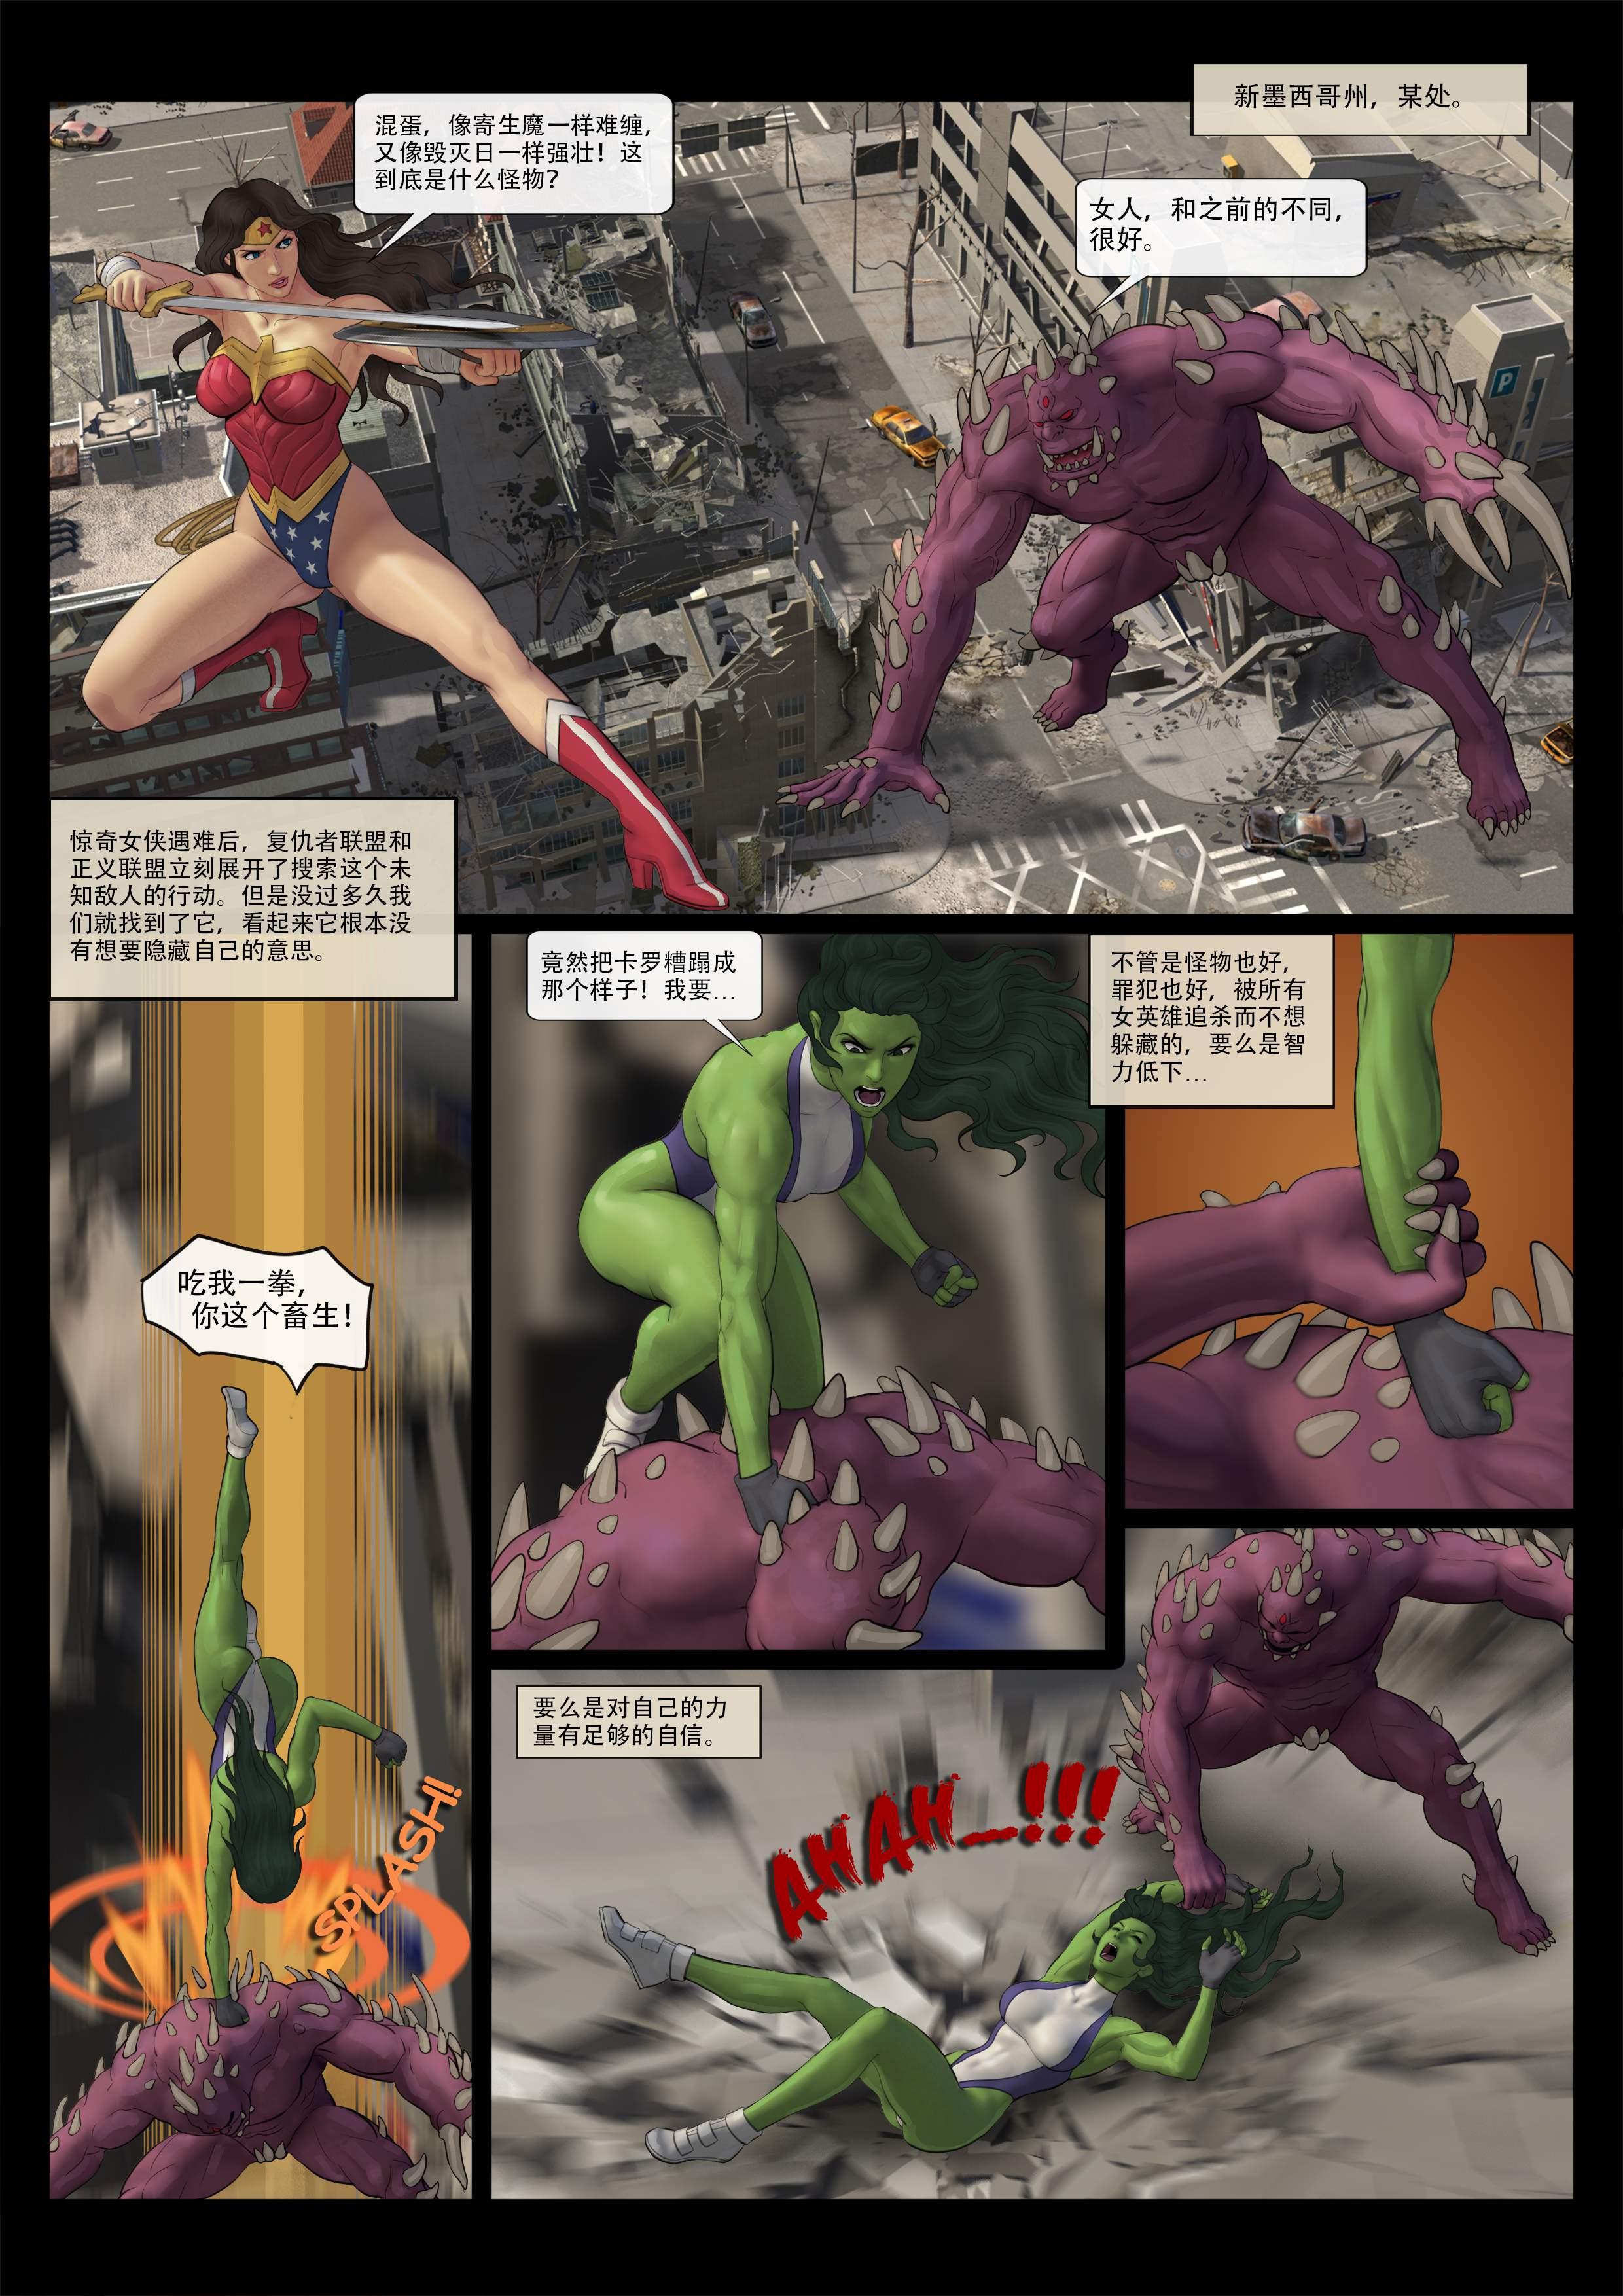 复仇者的噩梦 1-2 漫画-第3张